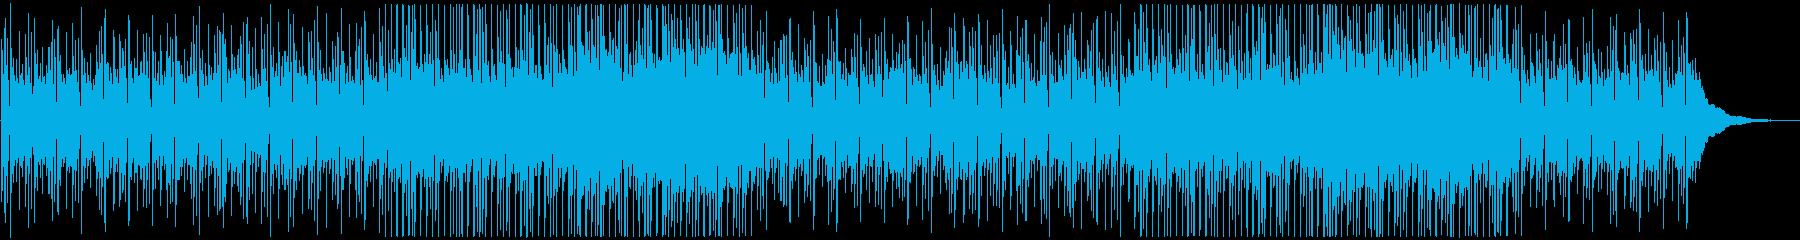 ITやテクノロジーに 爽やかで切ない洋楽の再生済みの波形